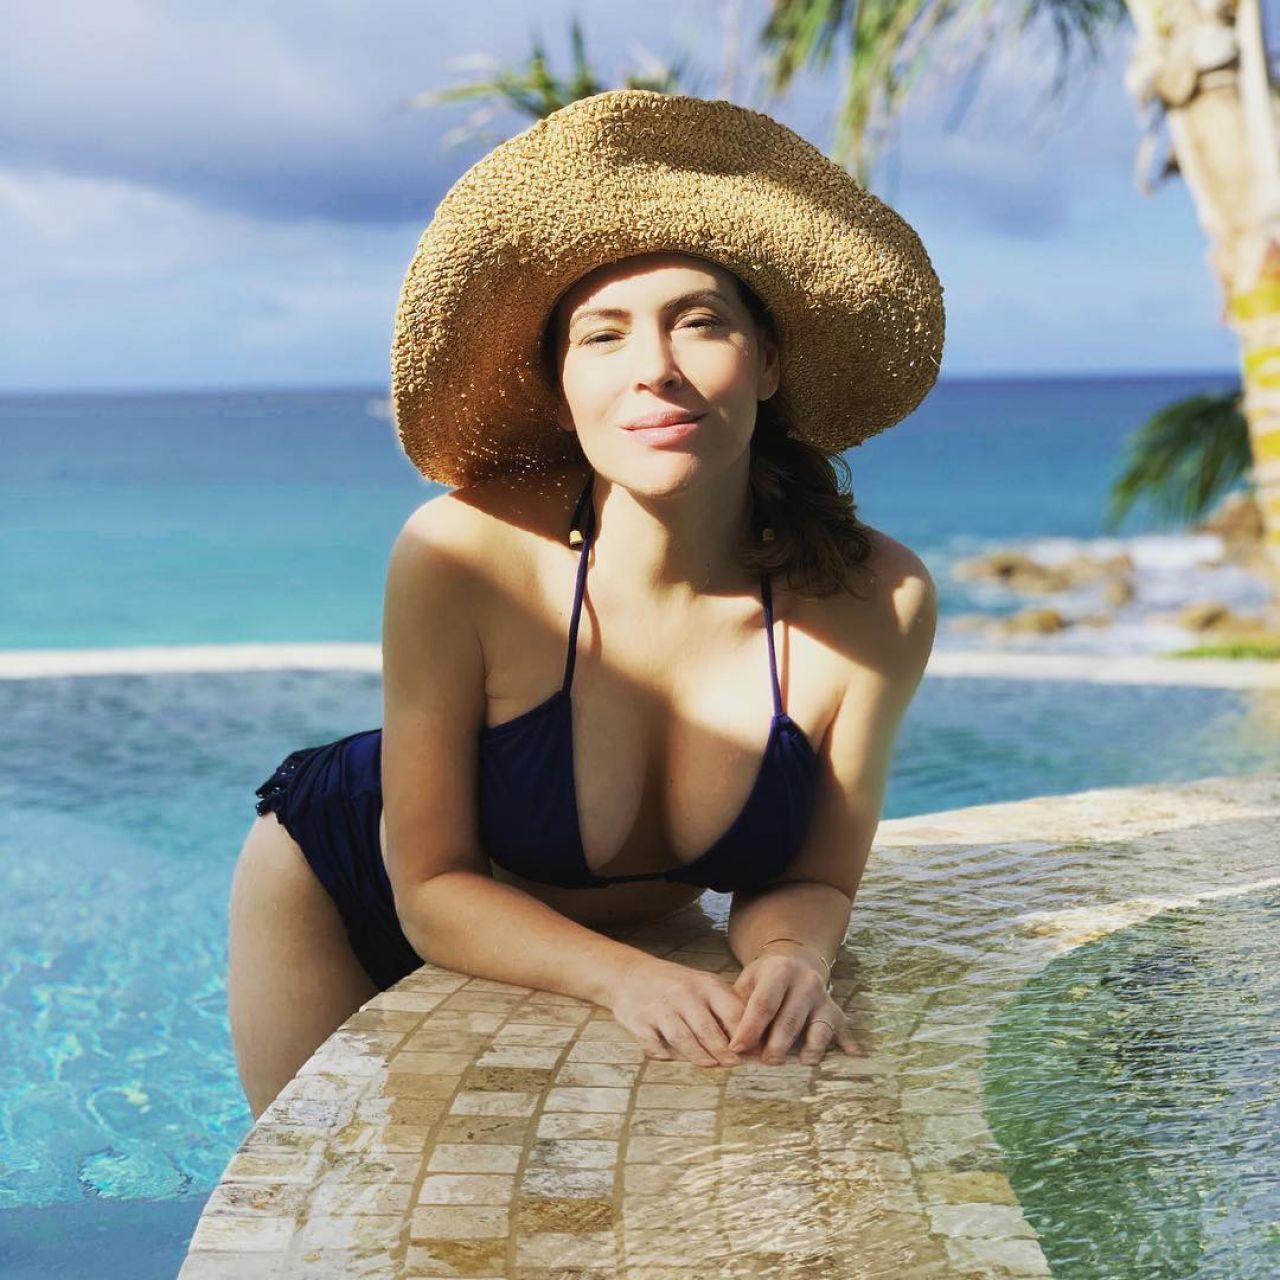 Alyssa Milano 2008 alyssa milano in bikini - personal pics 12/04/2018